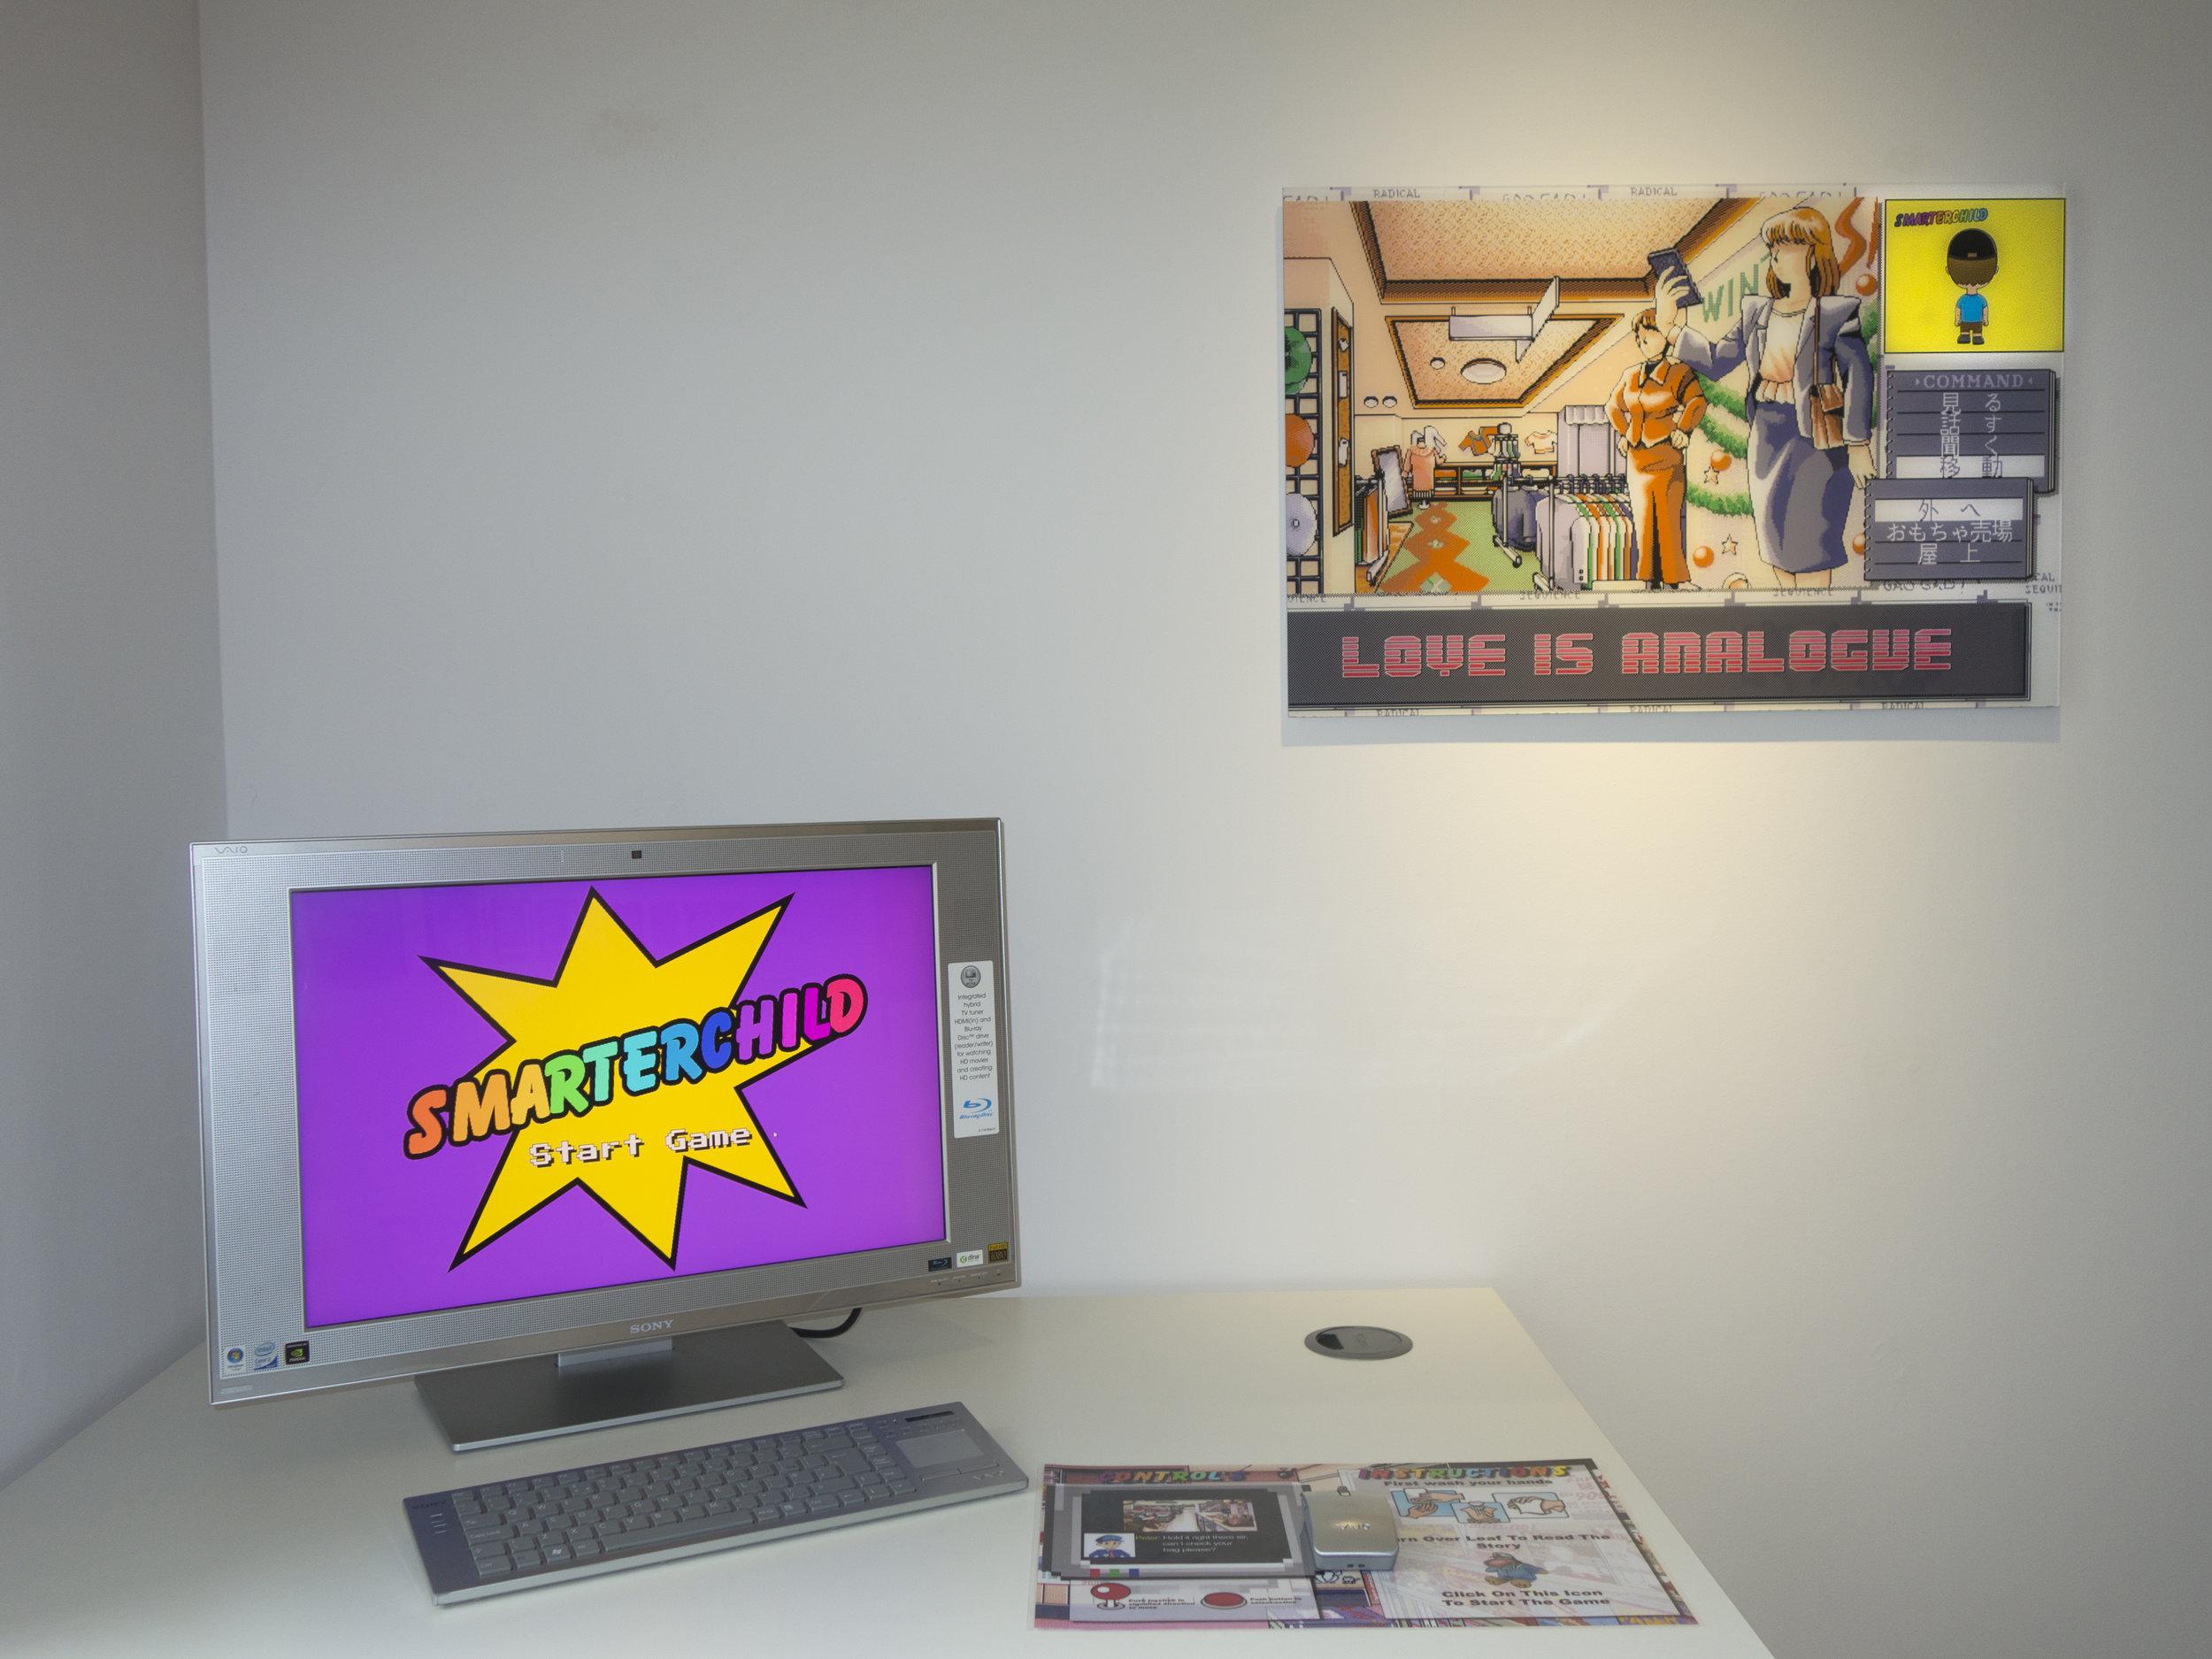 DSC09974 - Smarter Child Gazelli Installation.jpg